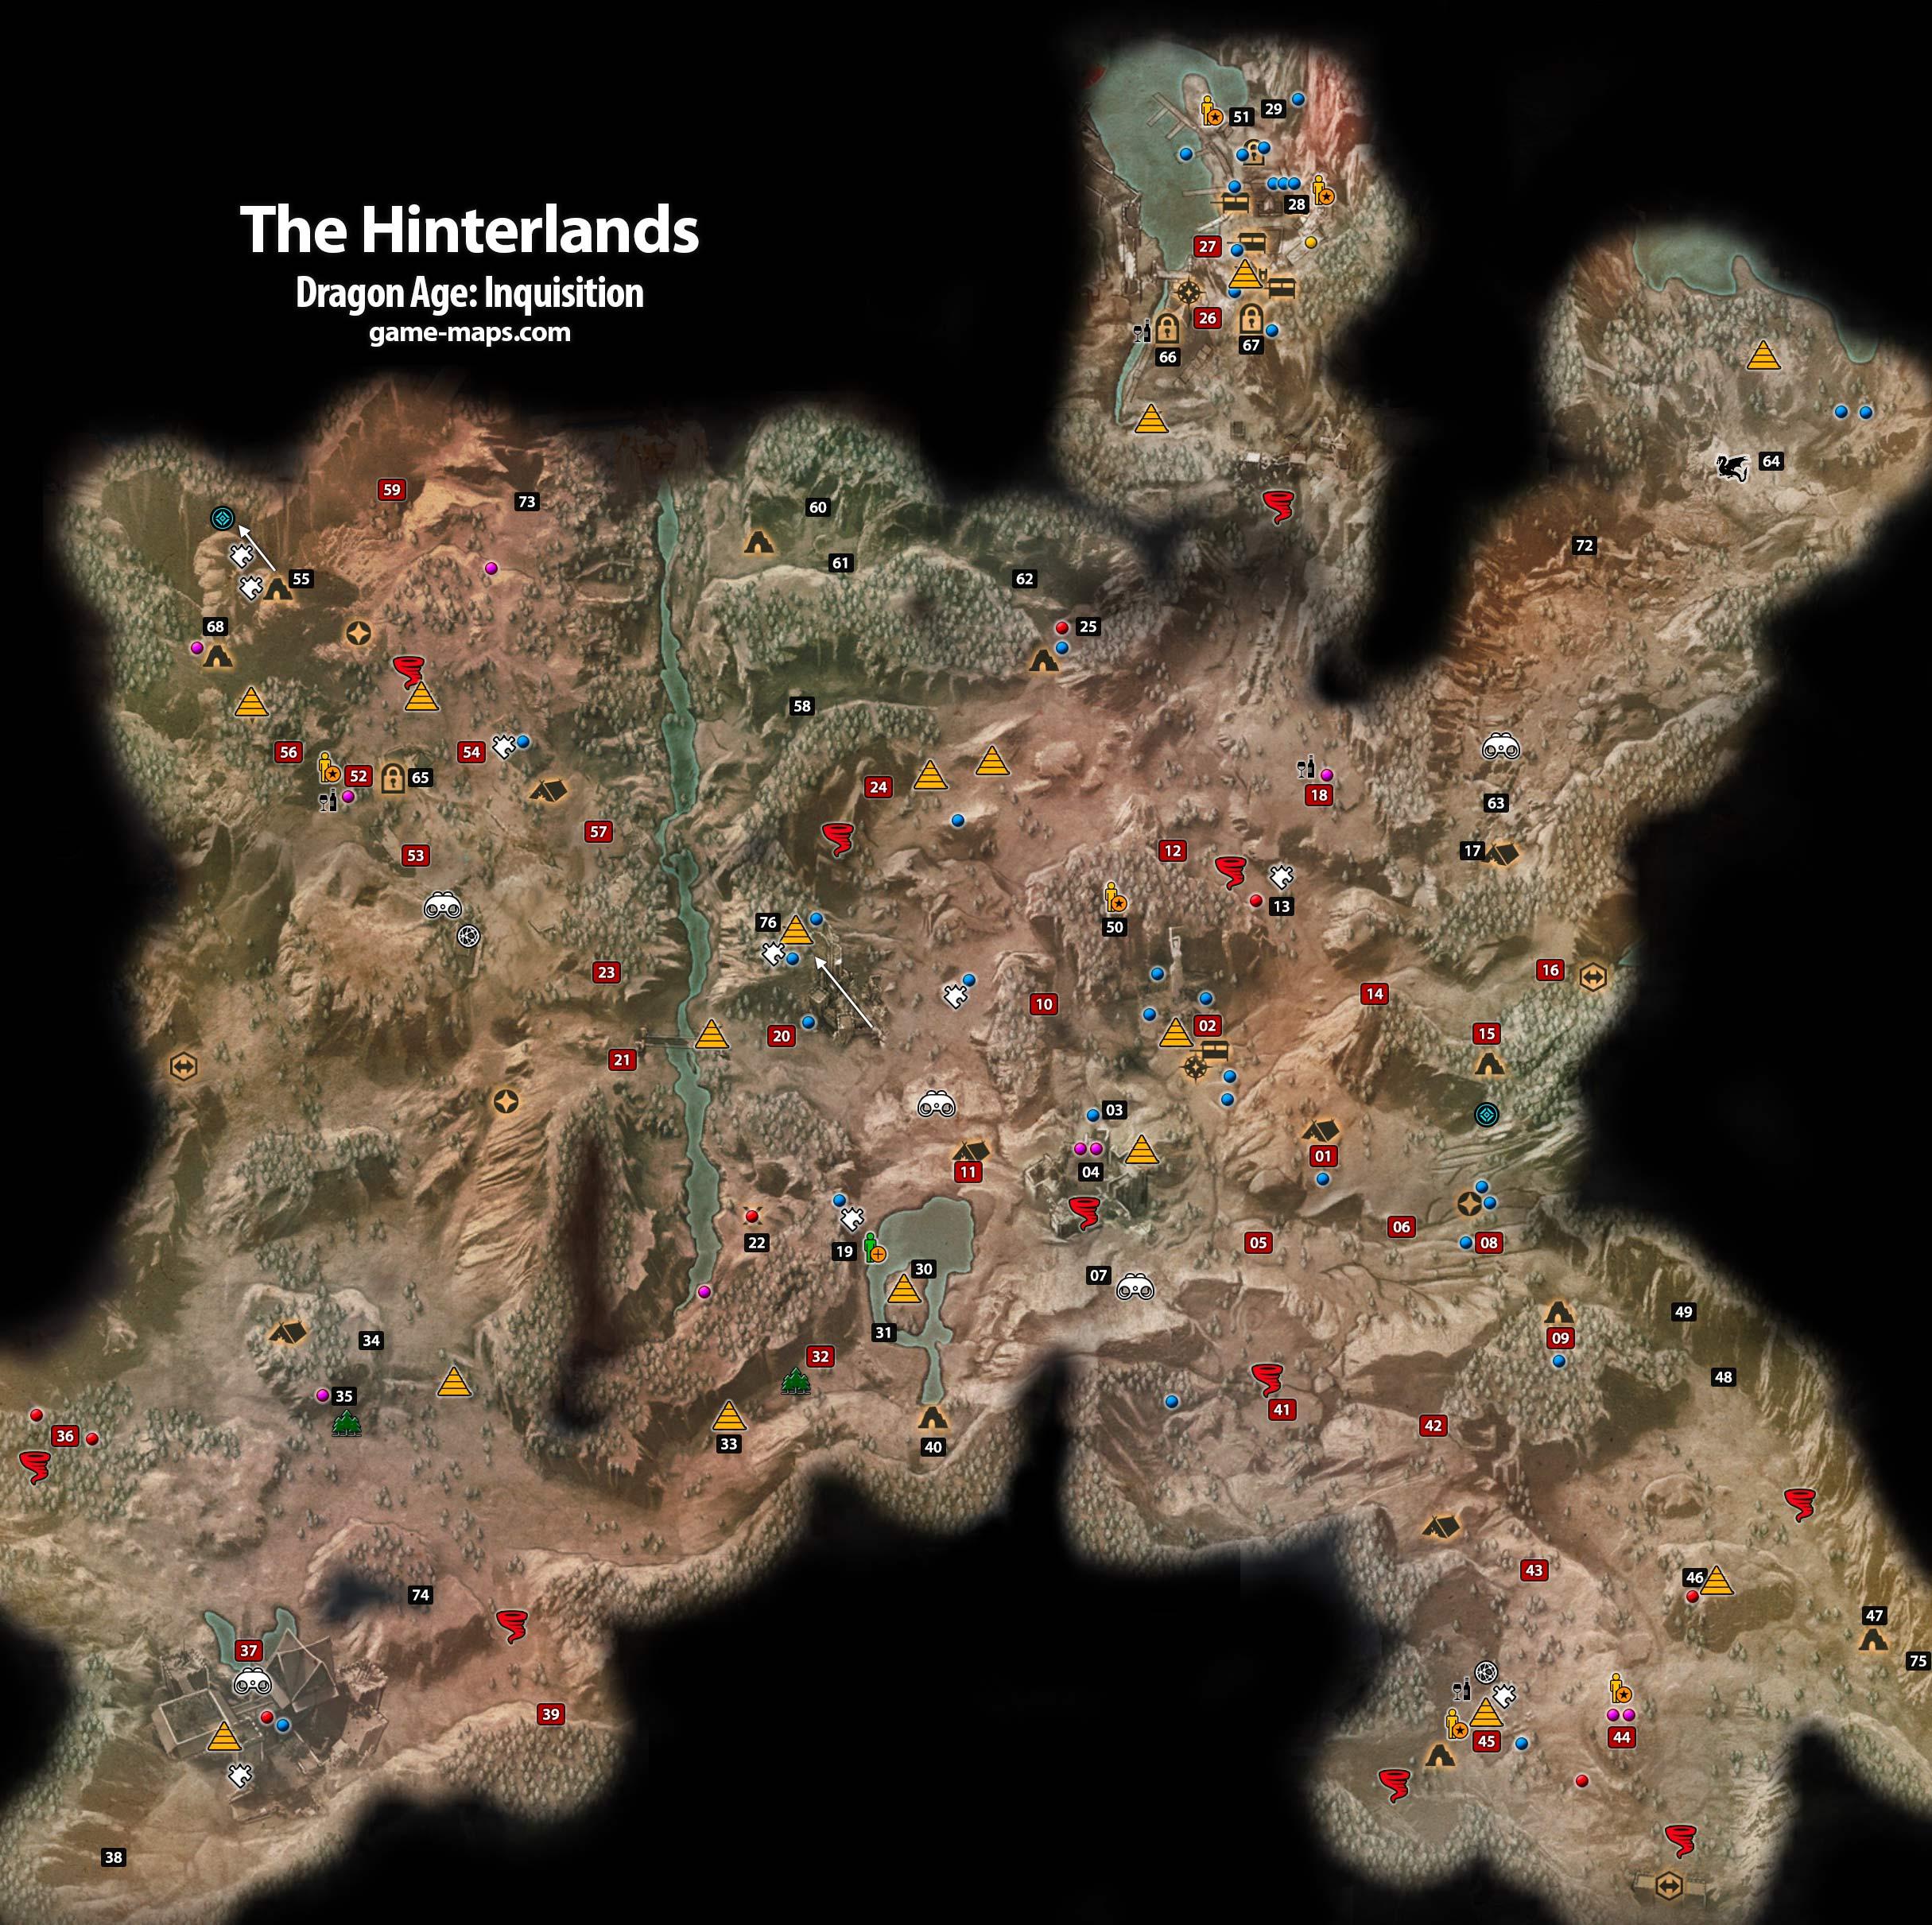 Oyunun ilk açık arazisi, Hinterlands... Saatleriniz burada geçecek ve seveceksiniz!